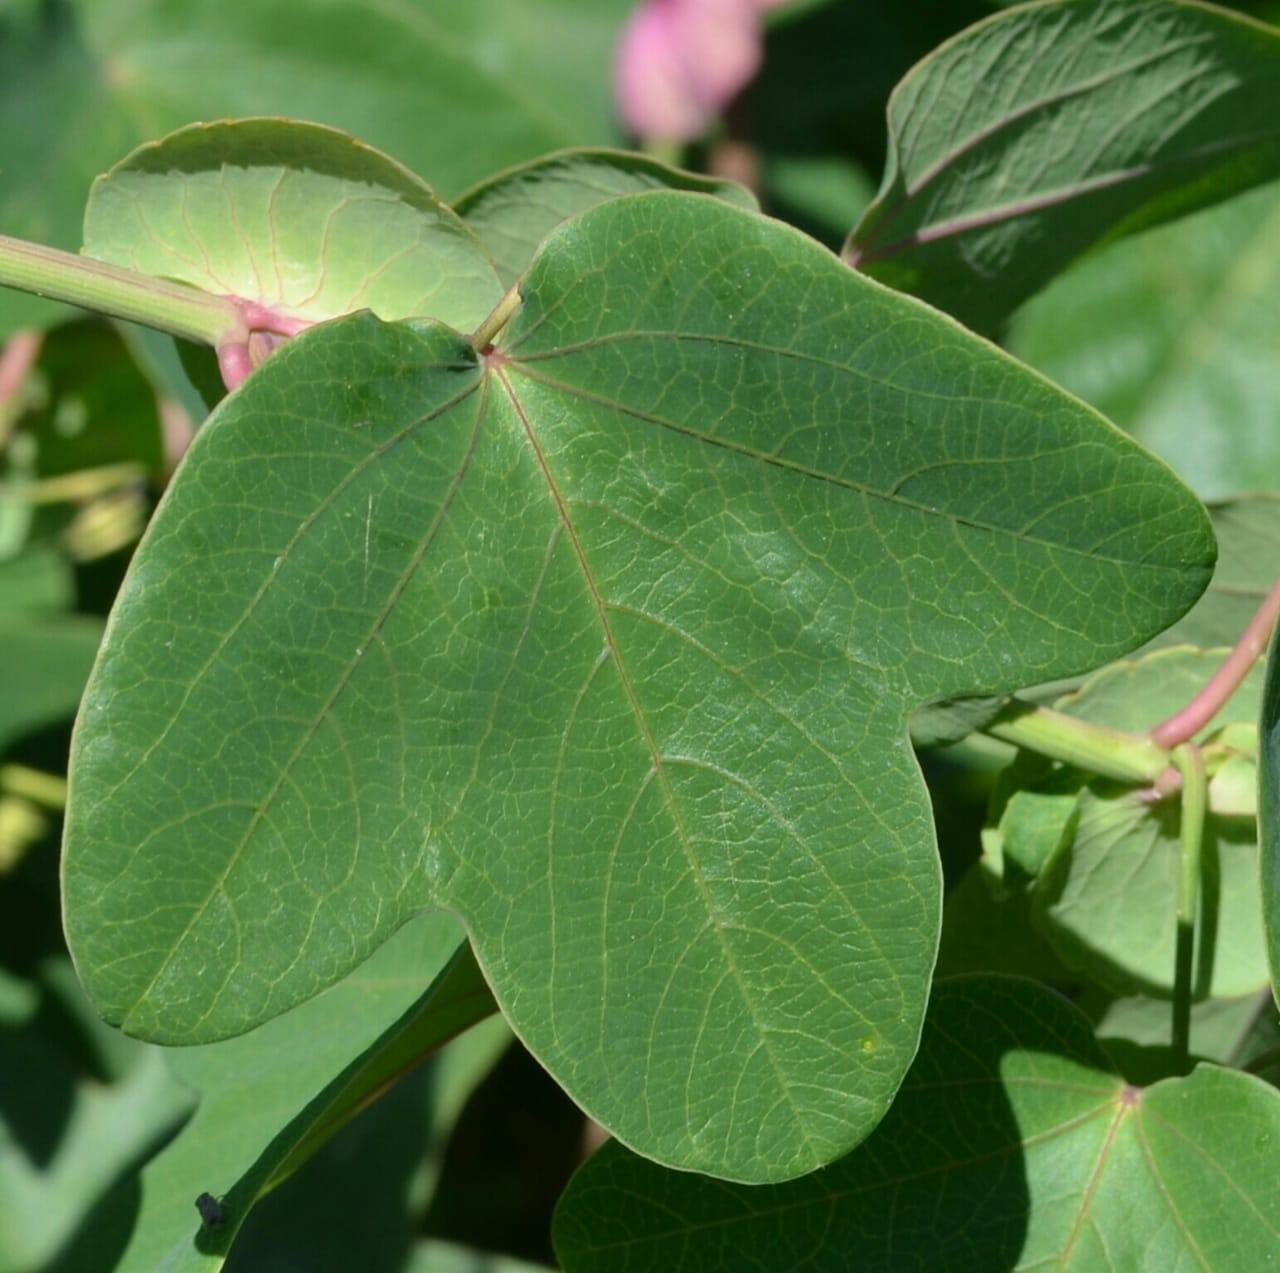 Passiflora umbilicata leaf